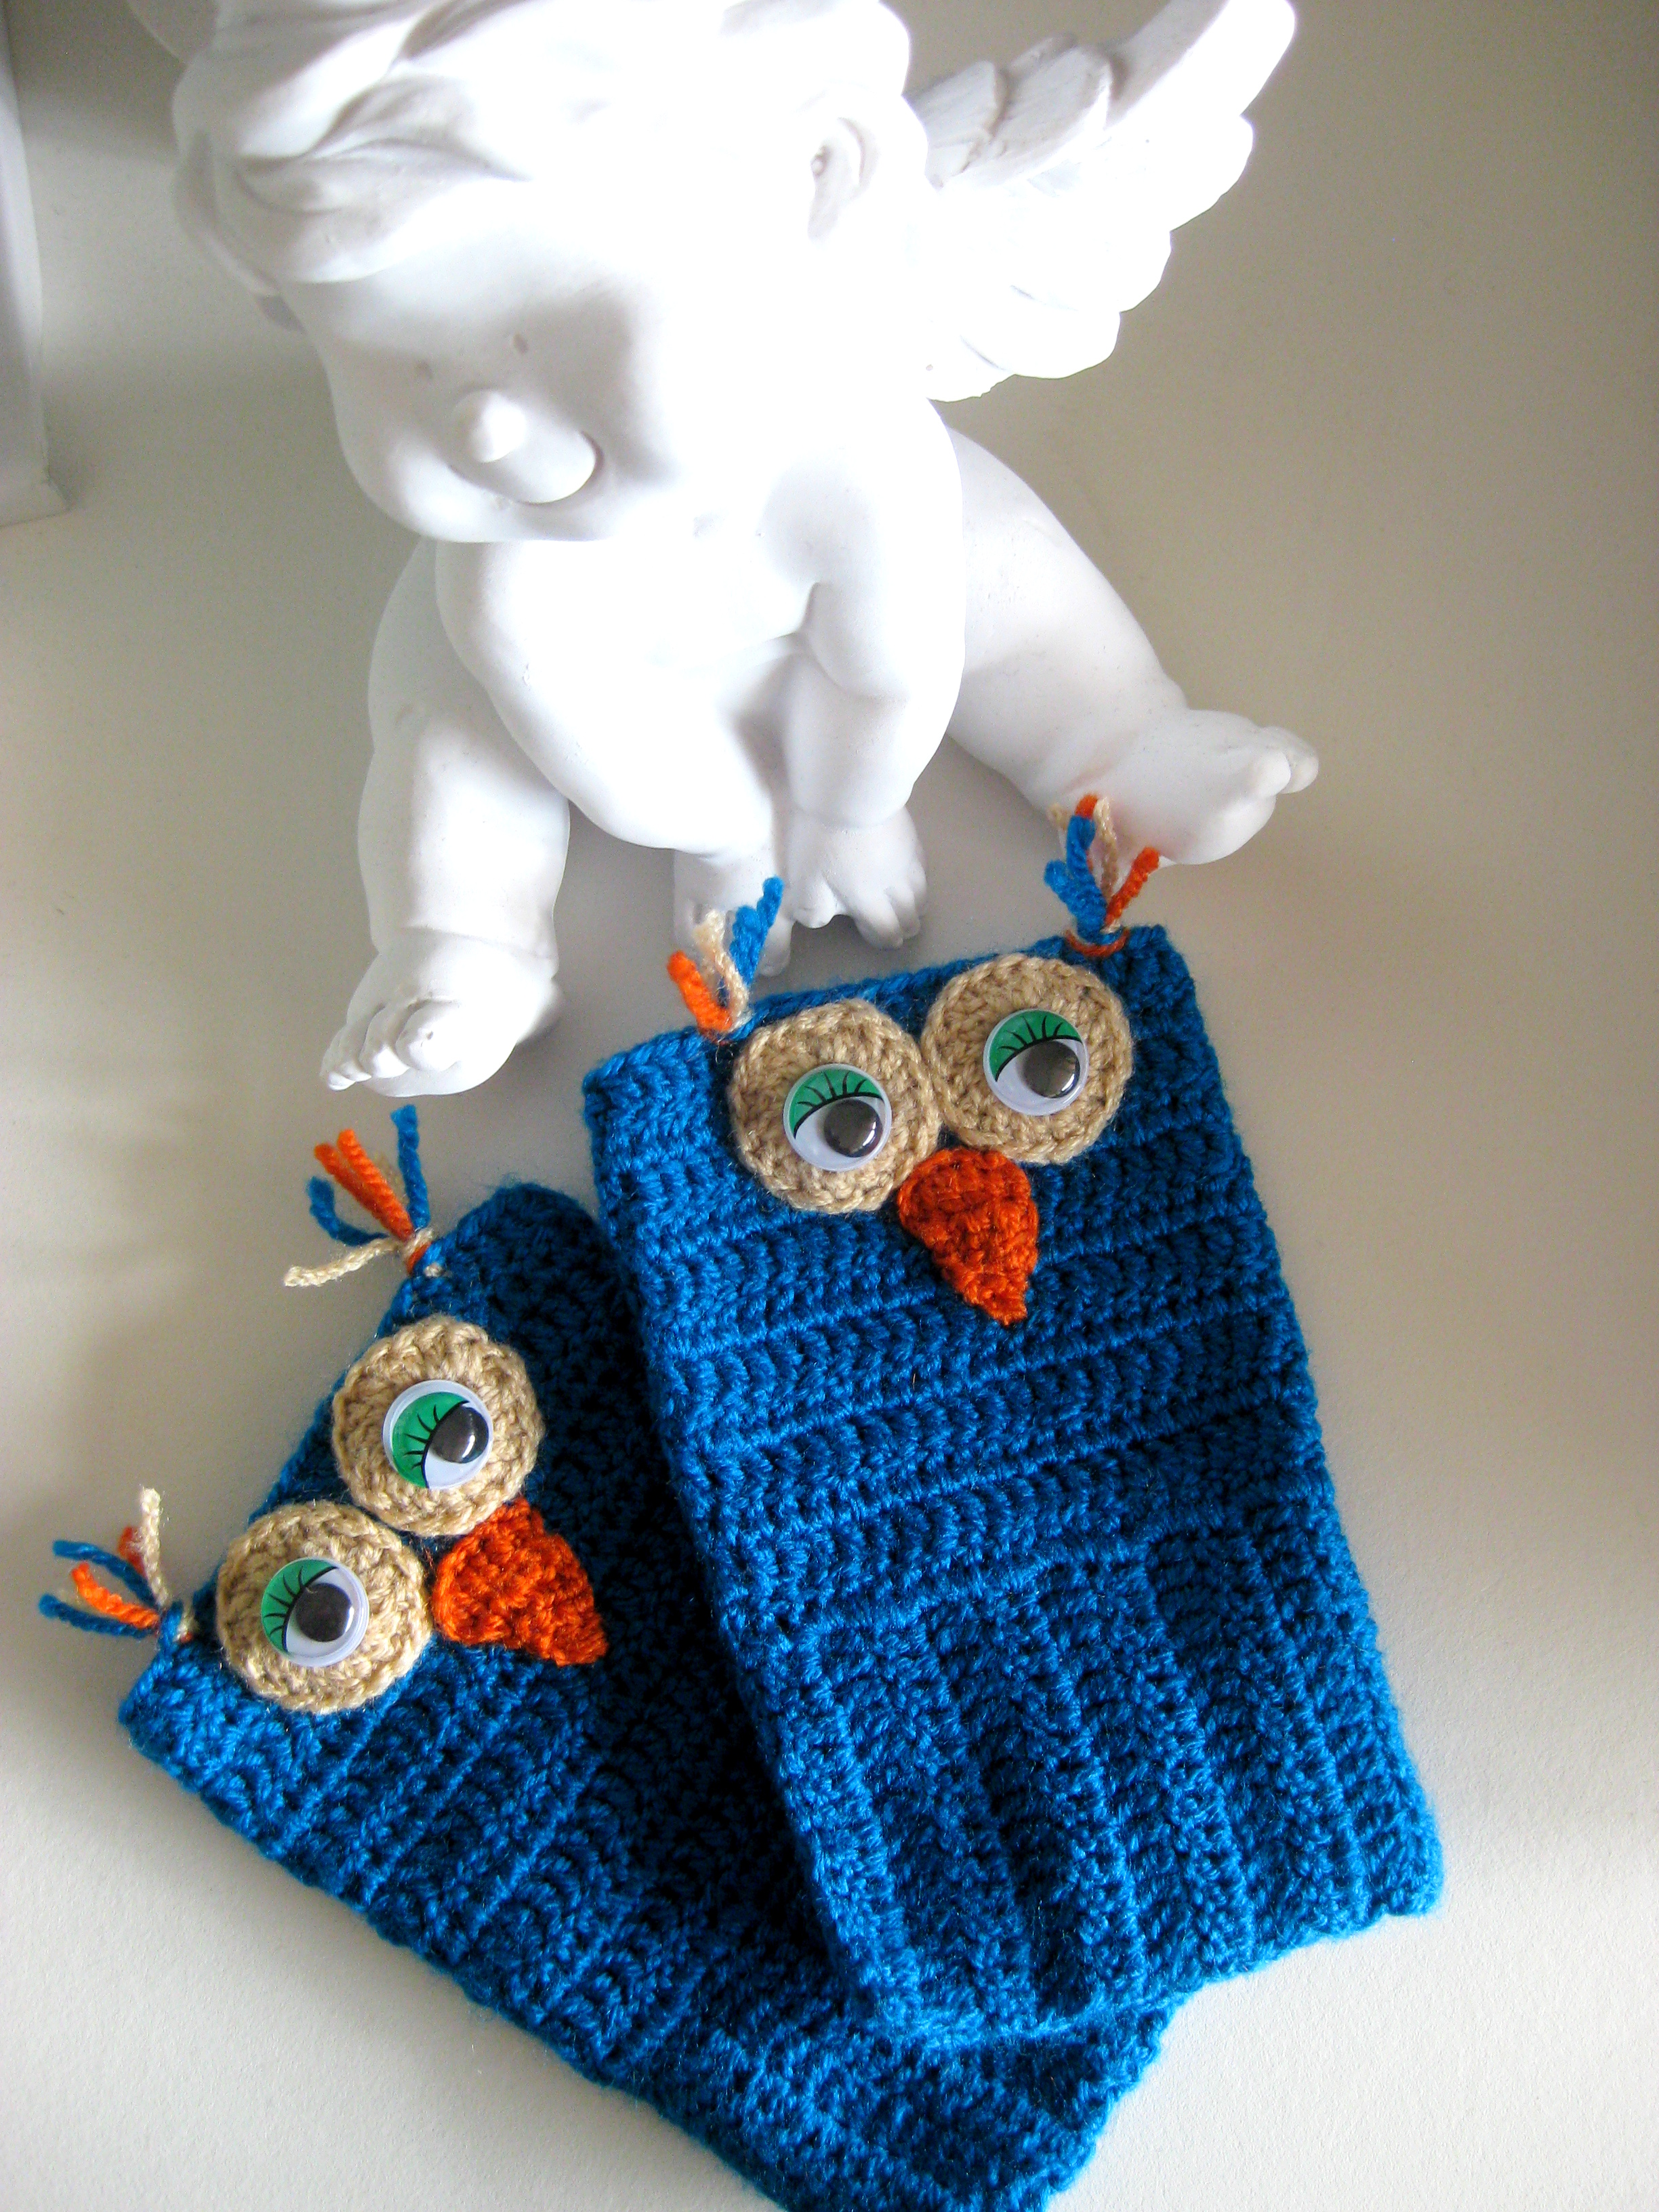 Owl Crochet Fingerless Mitten Gloves Wrist Warmer Handmade Blue